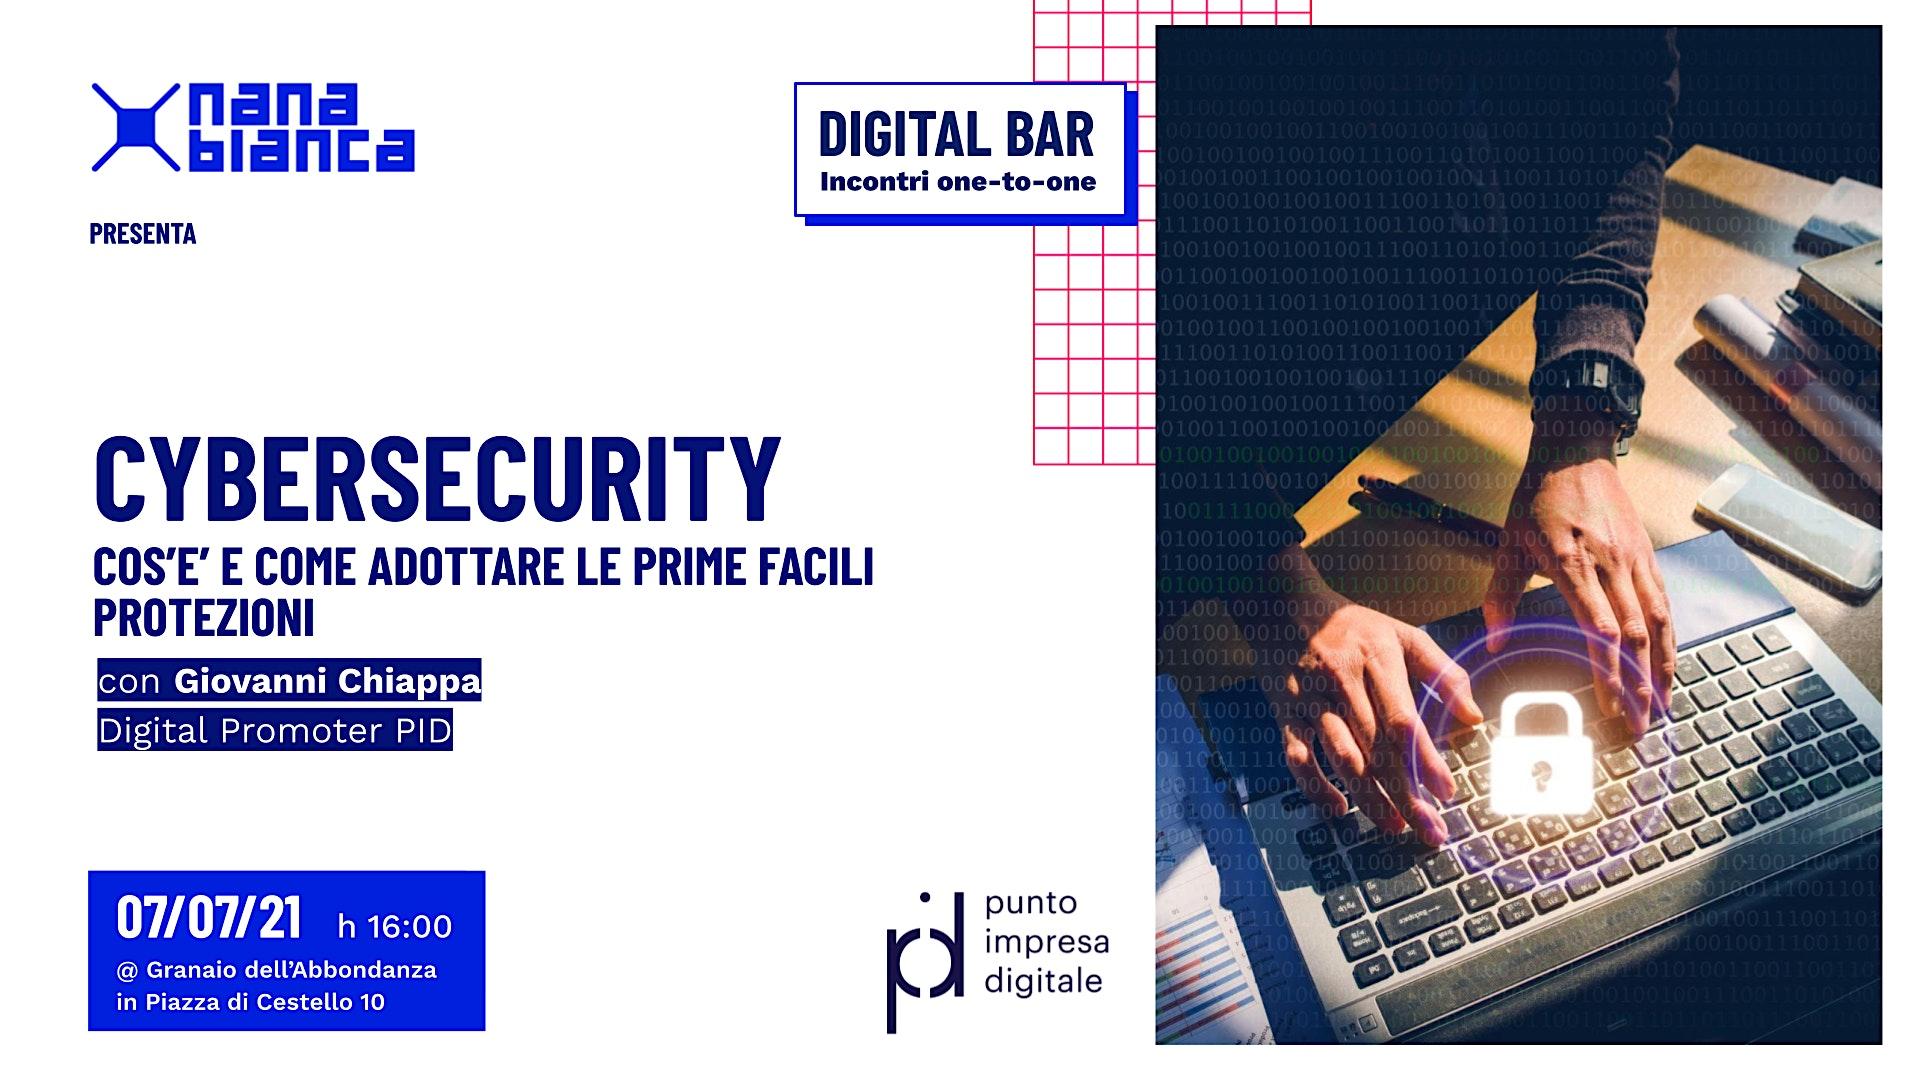 Digital Bar: Cybersecurity - Cos'è e come adottare le prime protezioni